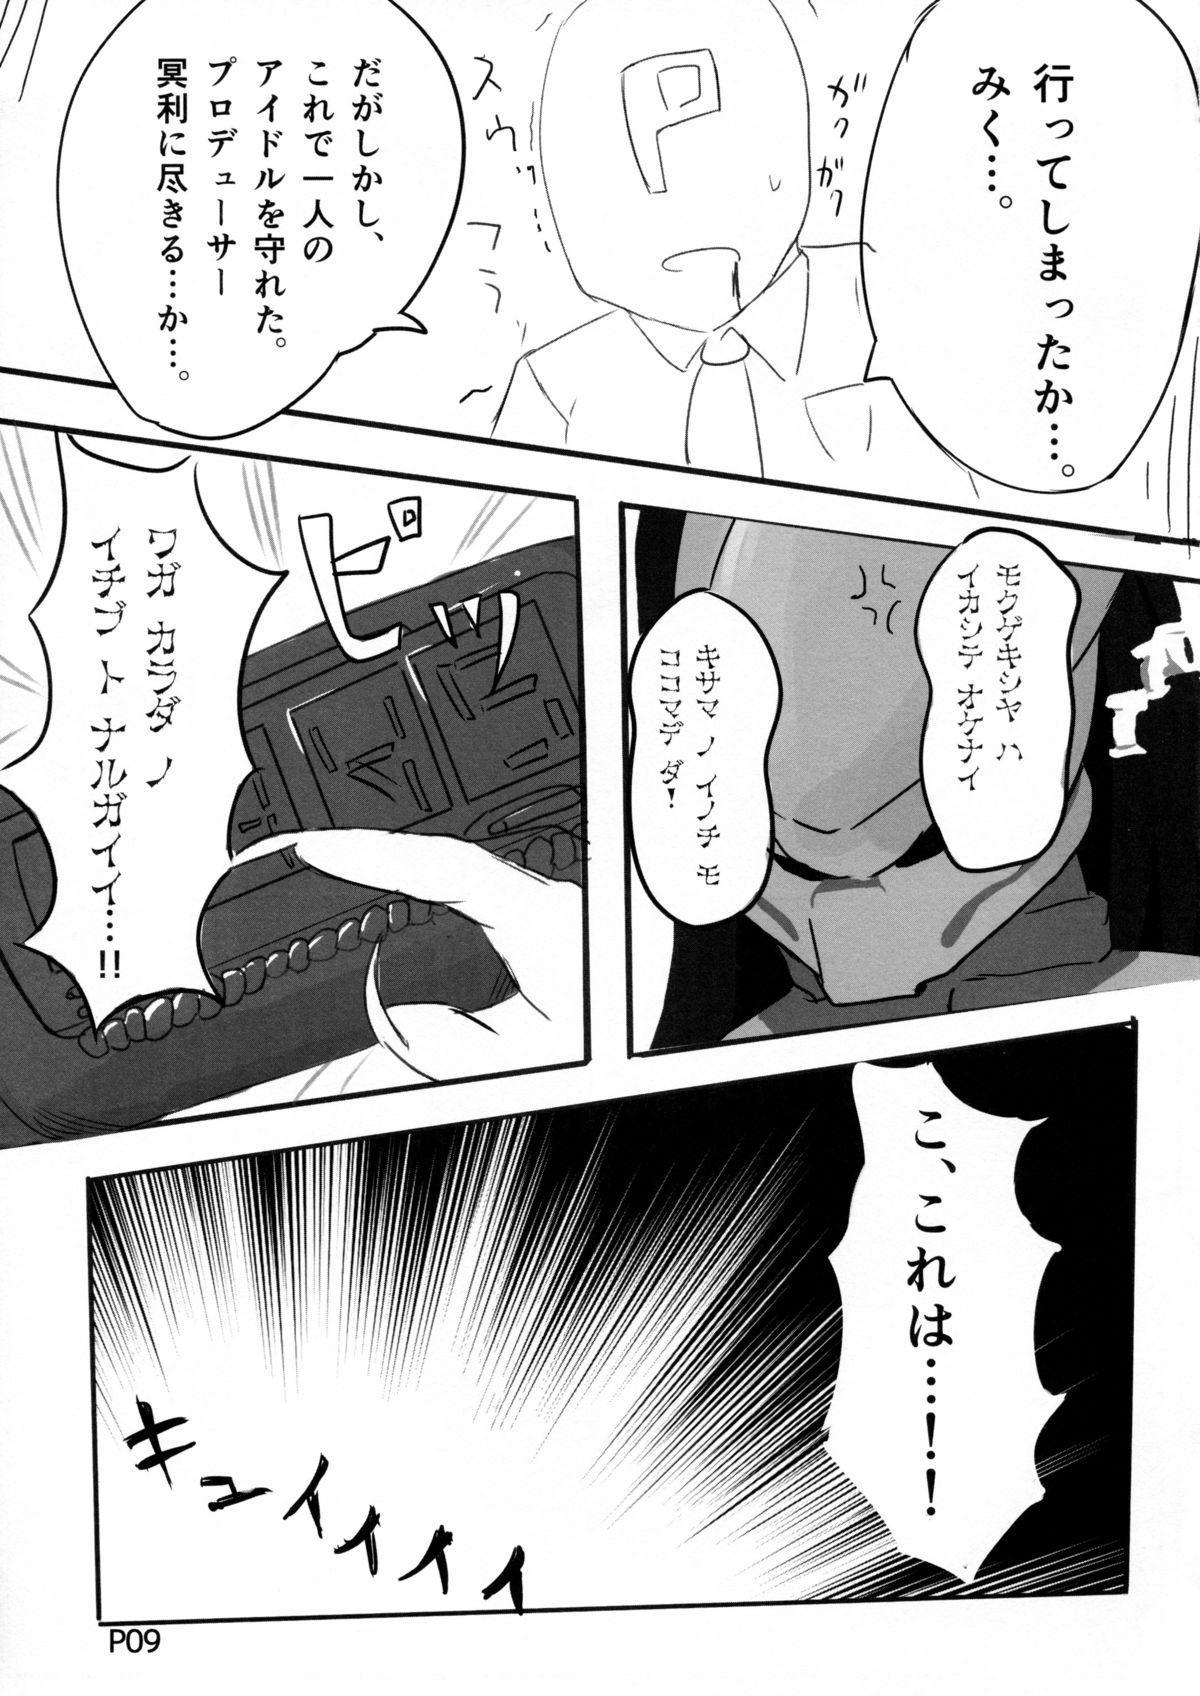 Maekawa Miku vs Predator 7